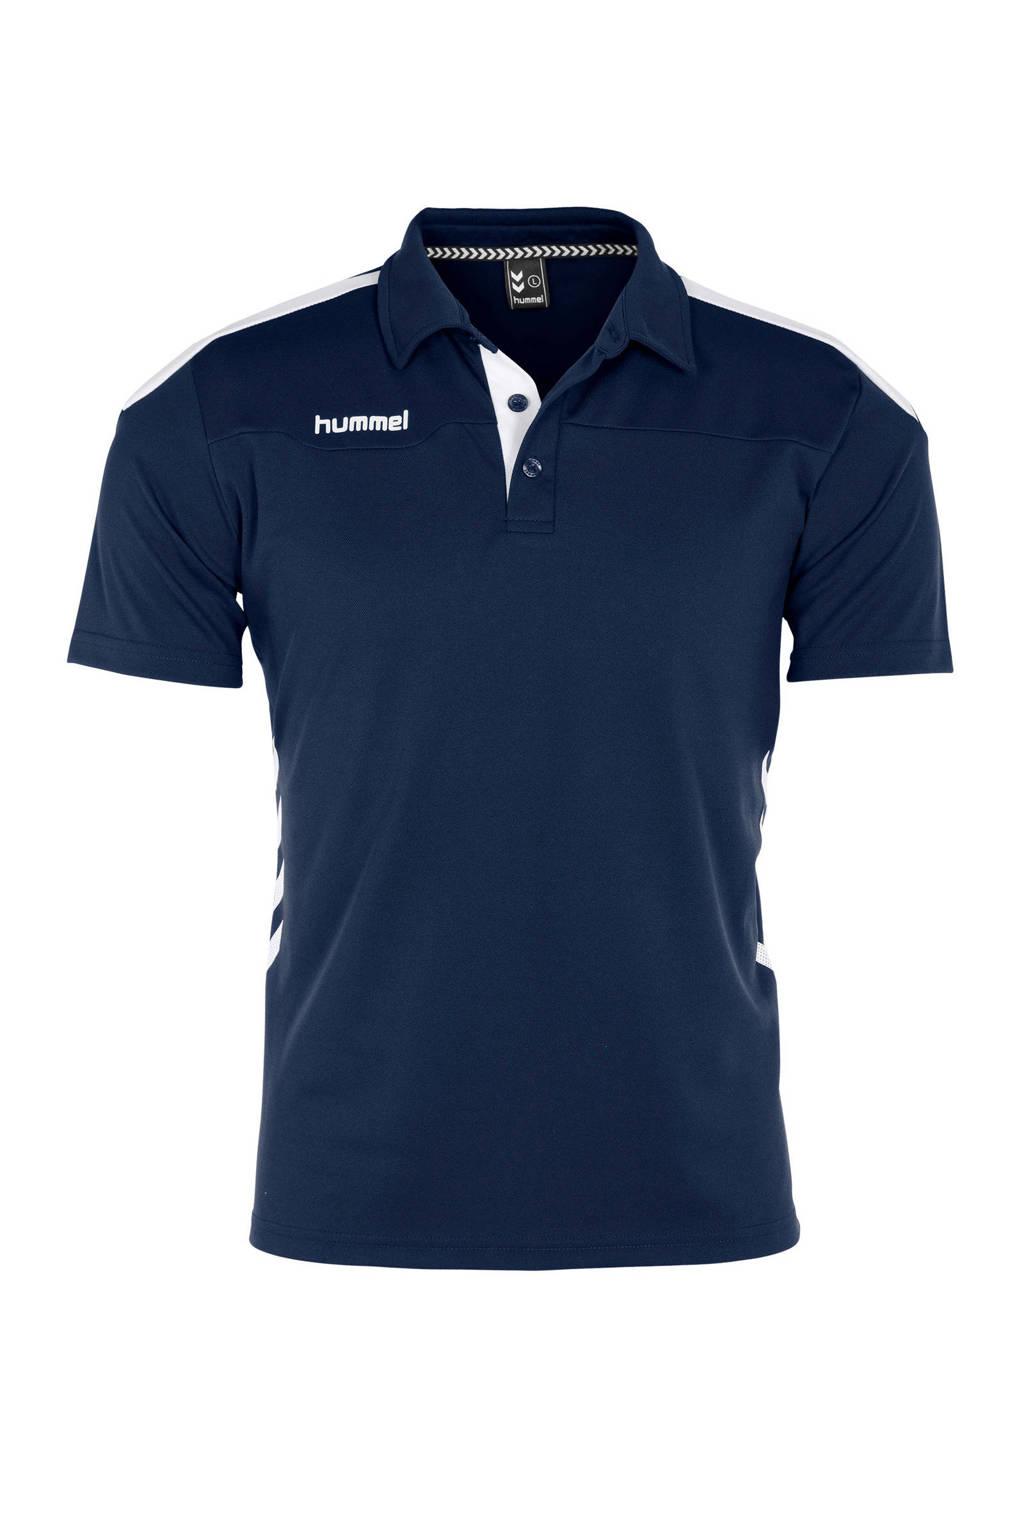 hummel   sportpolo, Donkerblauw/wit